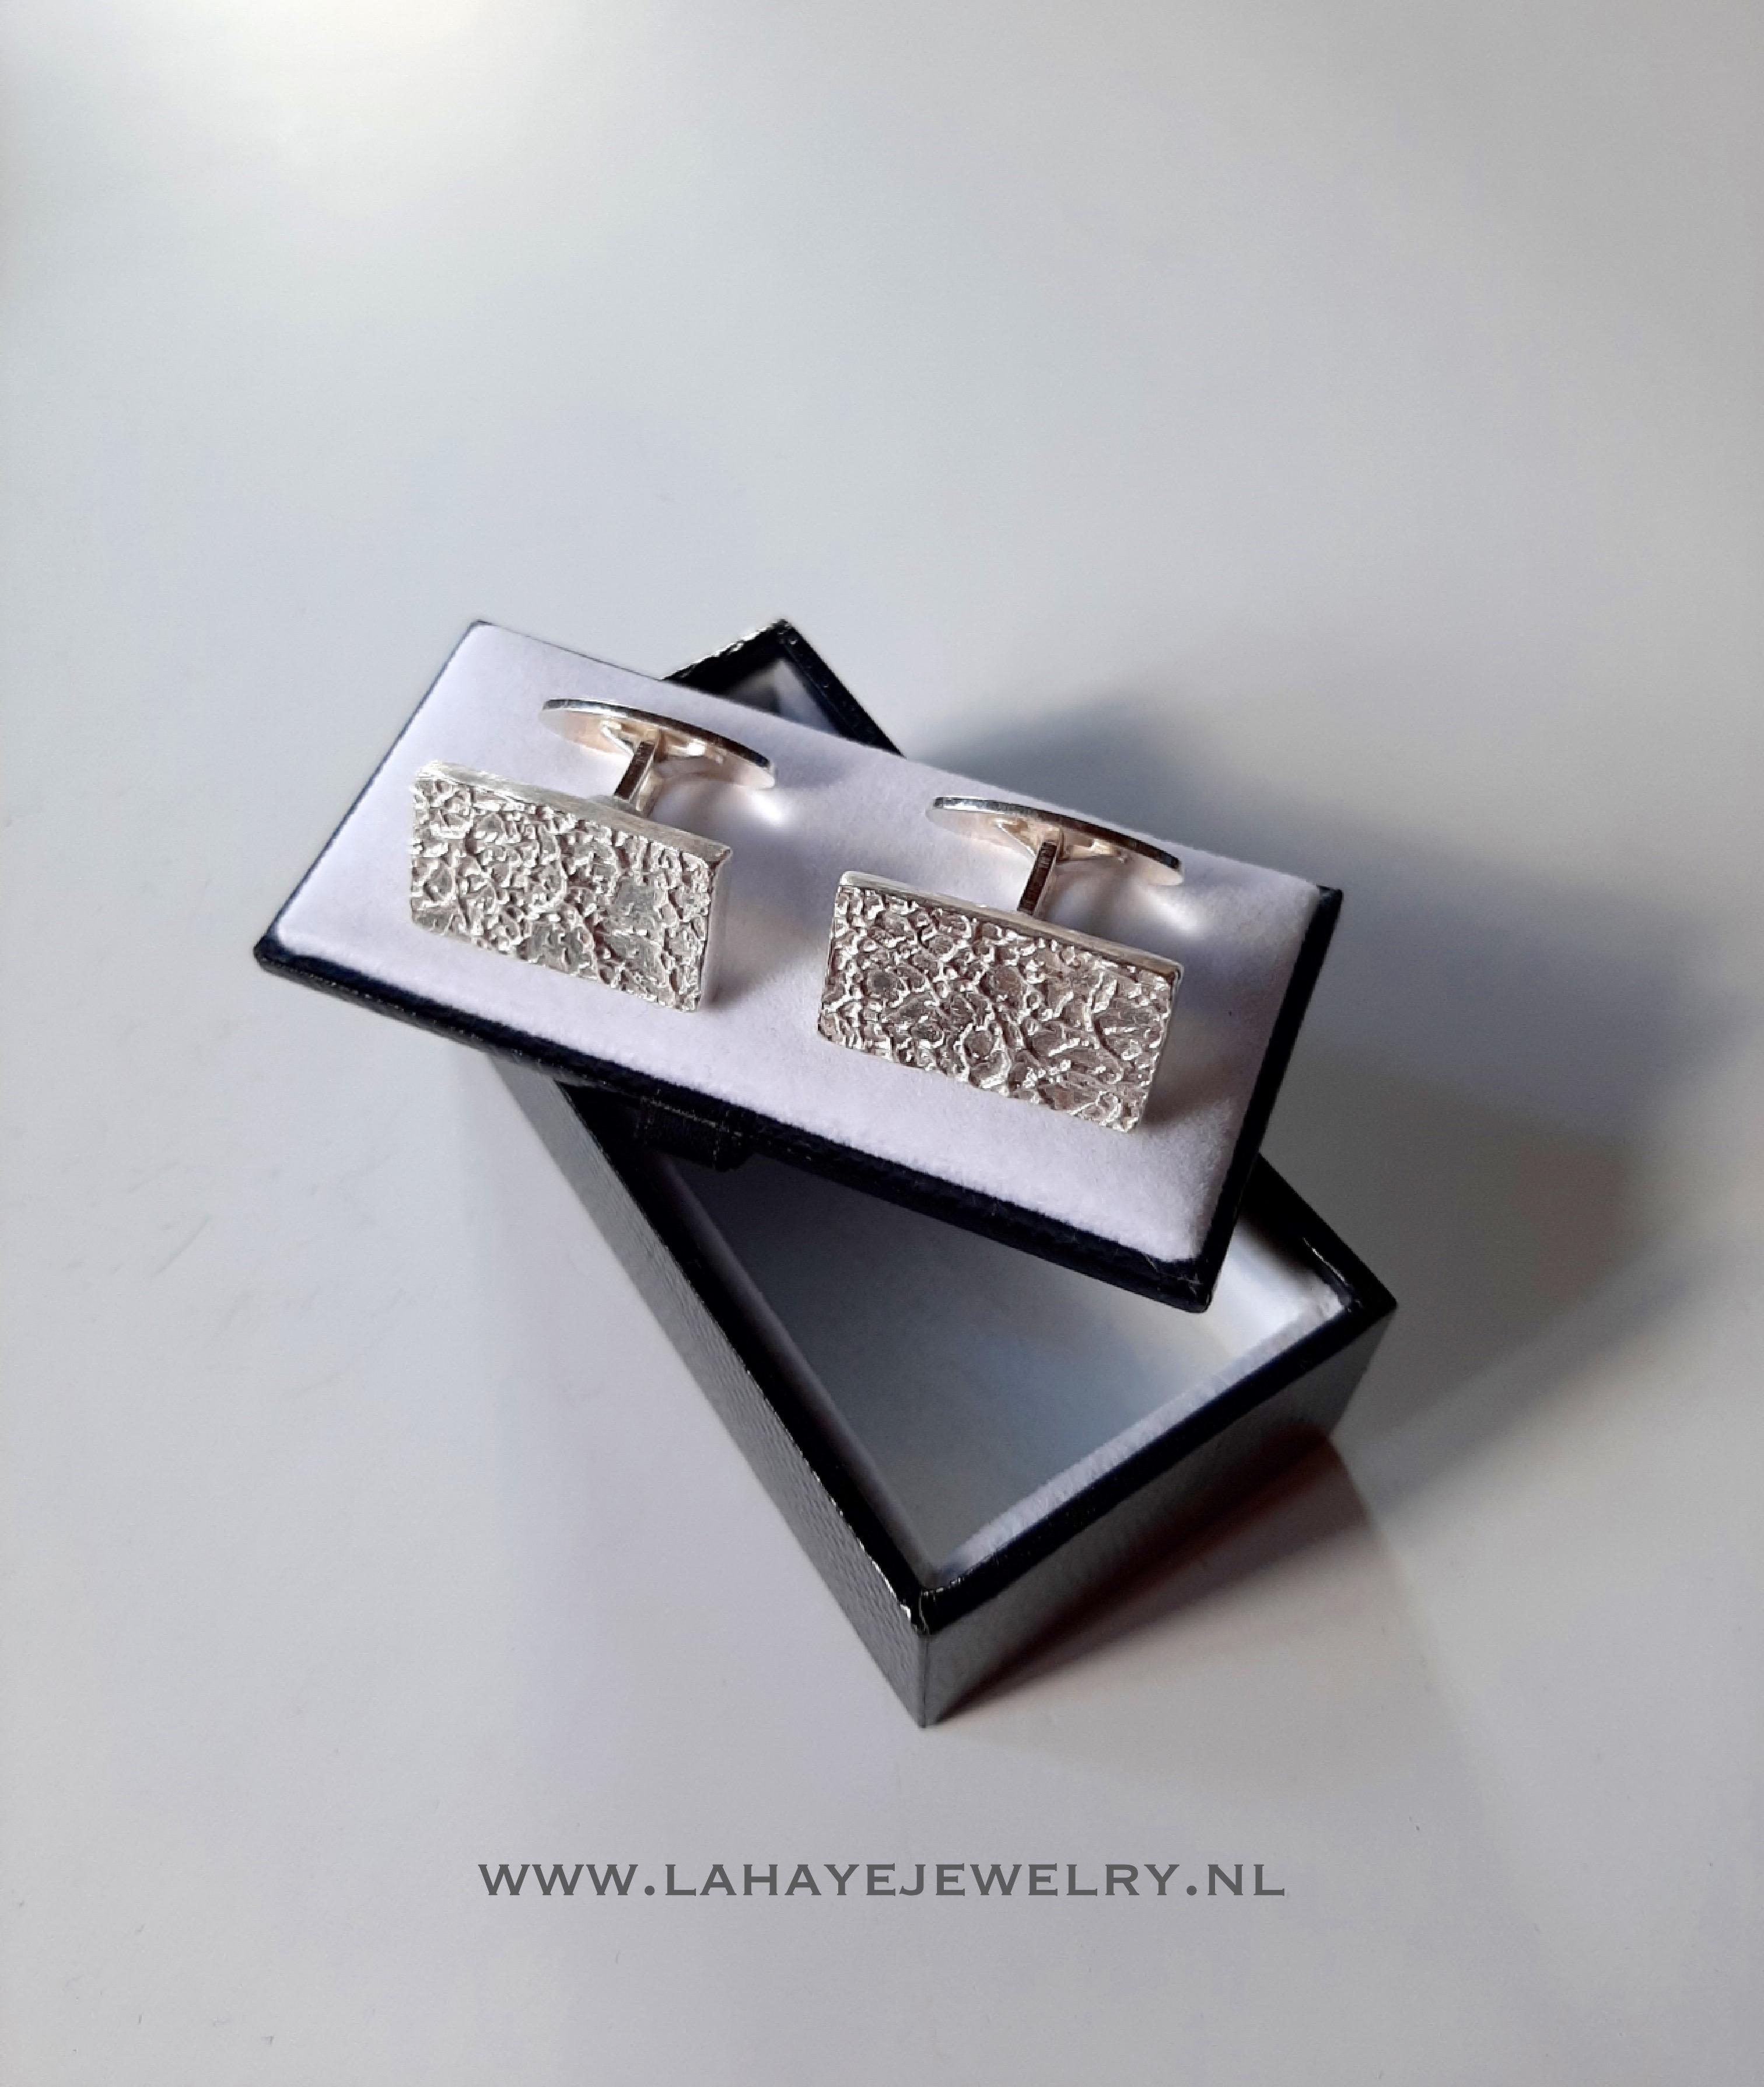 Vaderdagcadeautje - Manchetknopen van La Haye Jewelry Den Haag